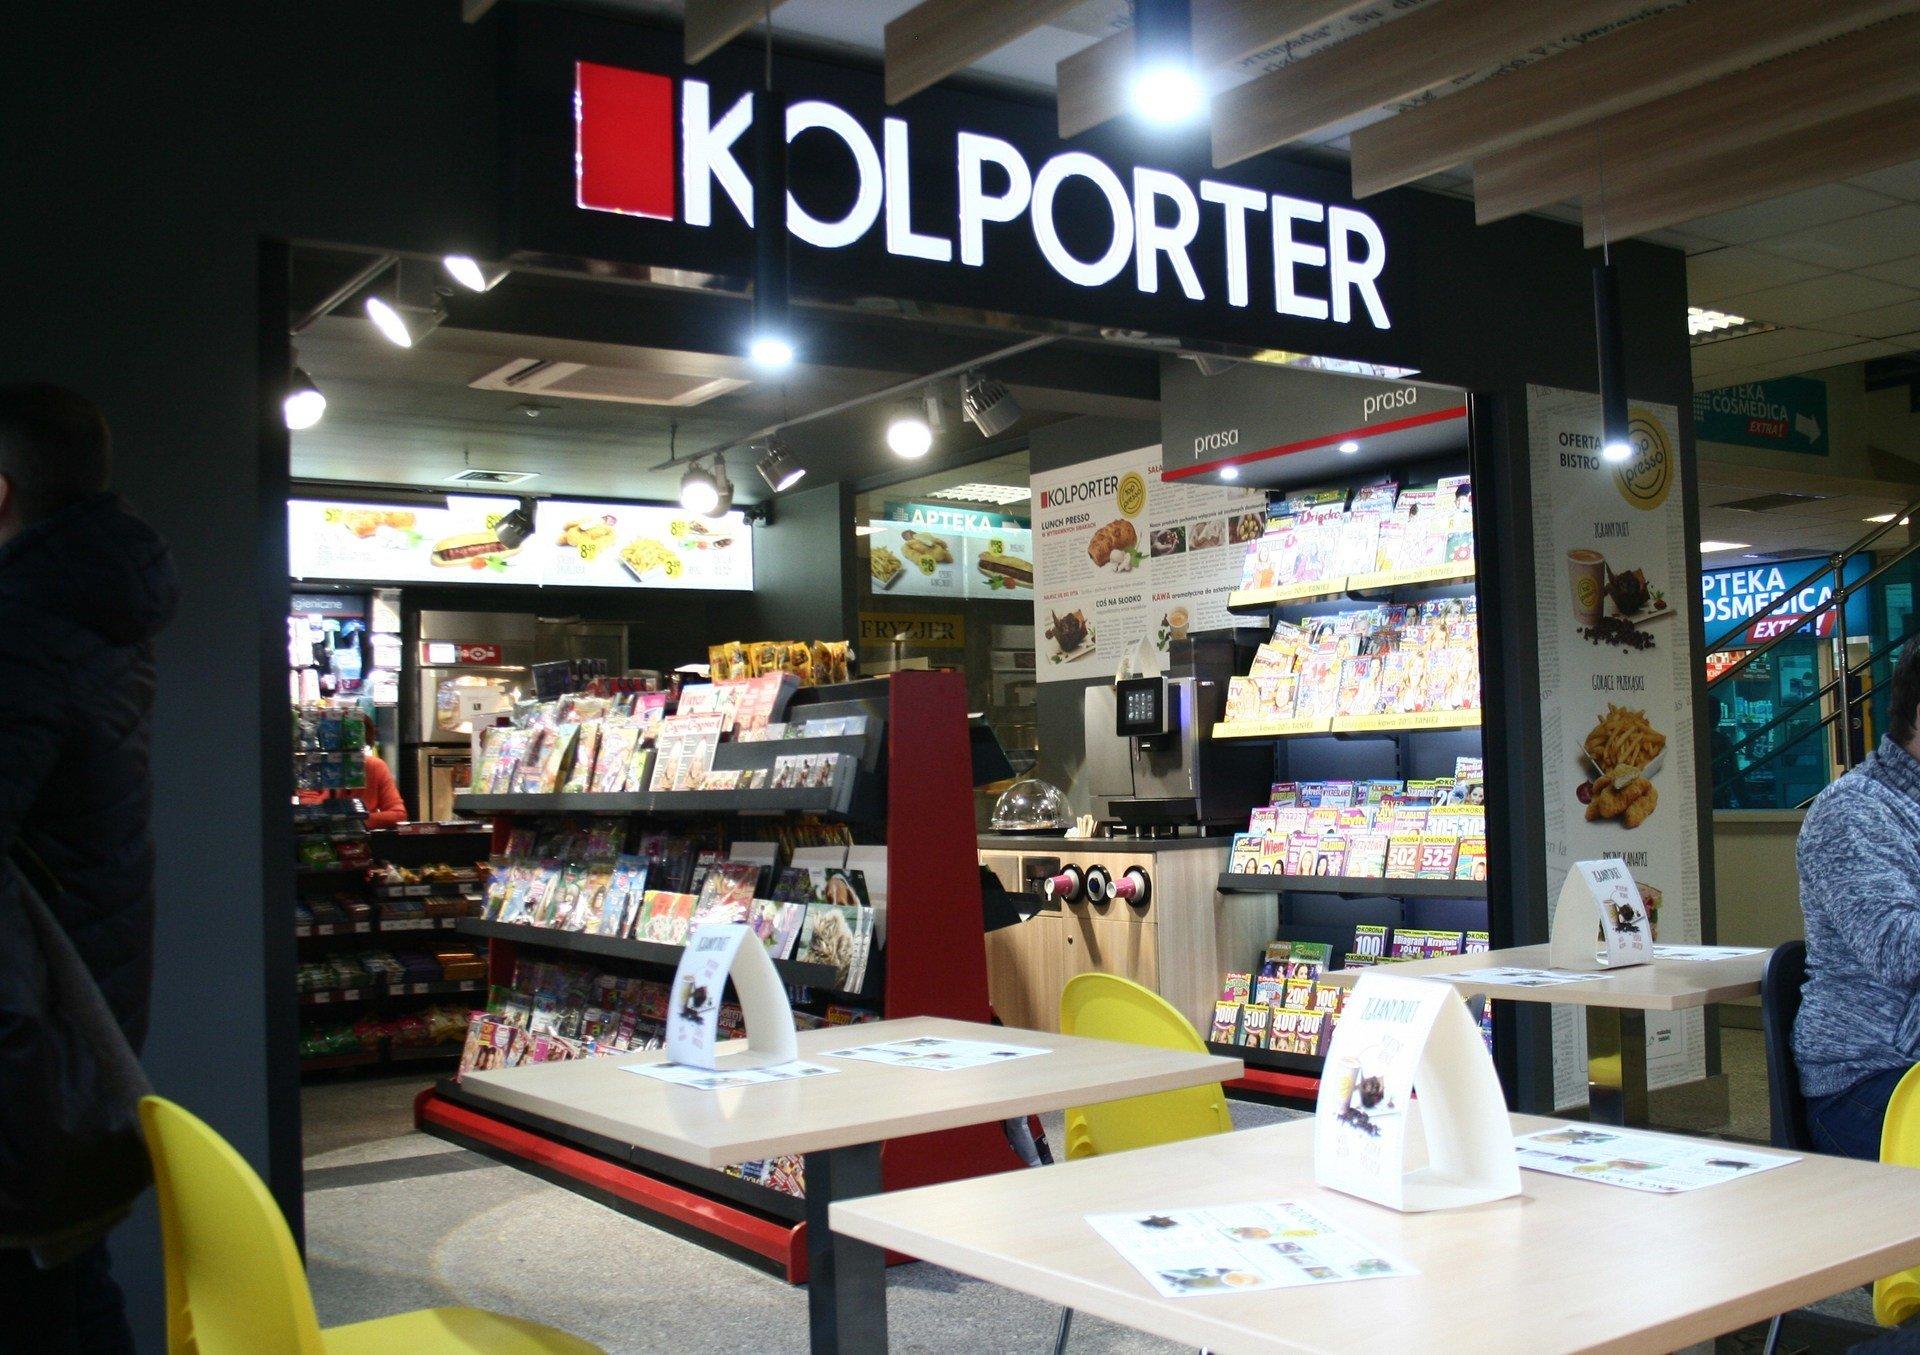 Kolporter podsumował pierwsze półrocze w swojej sieci